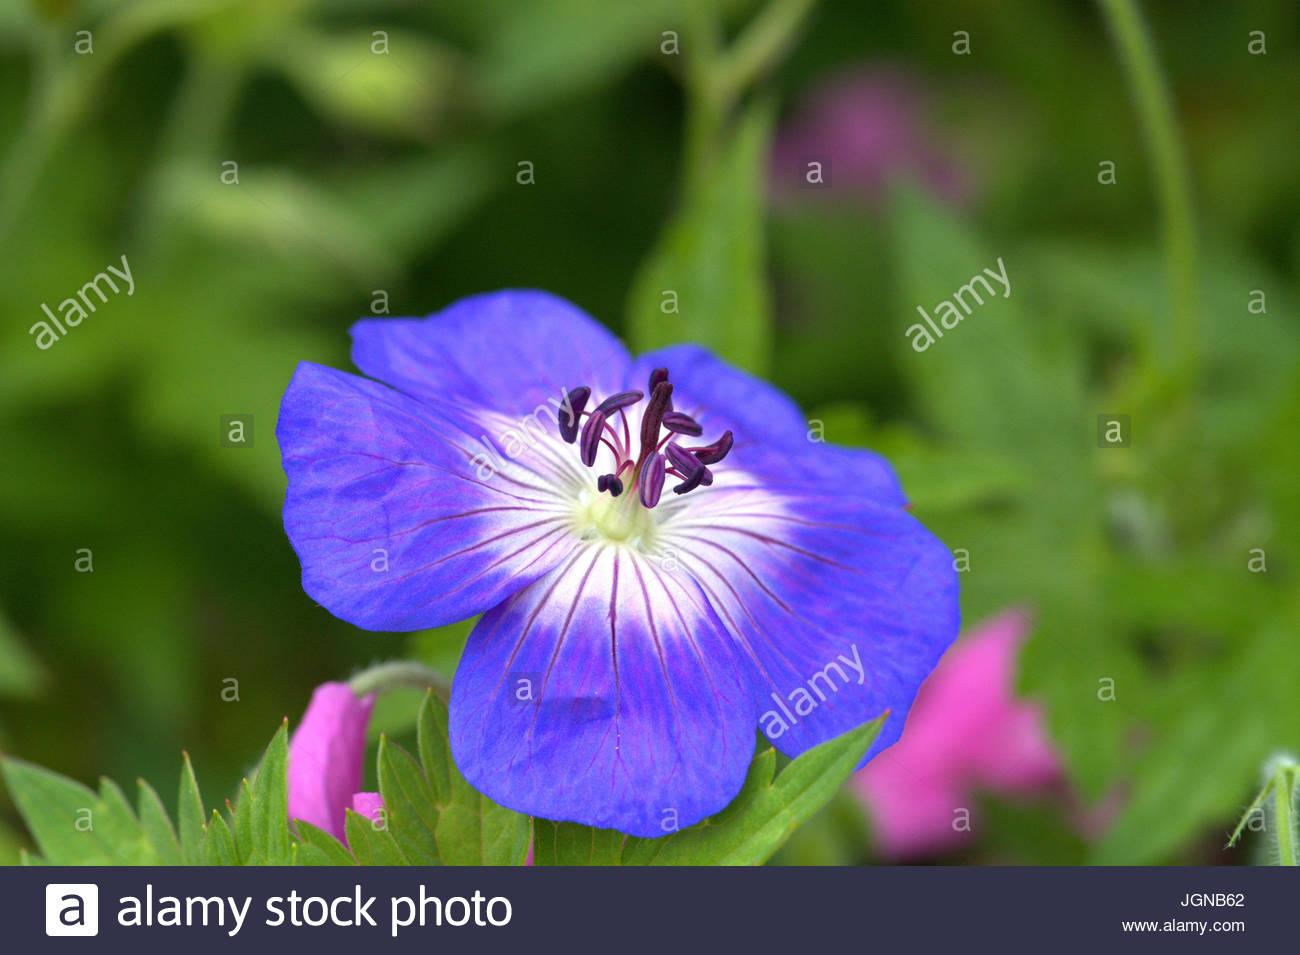 Die Blüte des Wiesen-Storchschnabels mit blauen Blütenkronblättern als Makro. - Stock Image